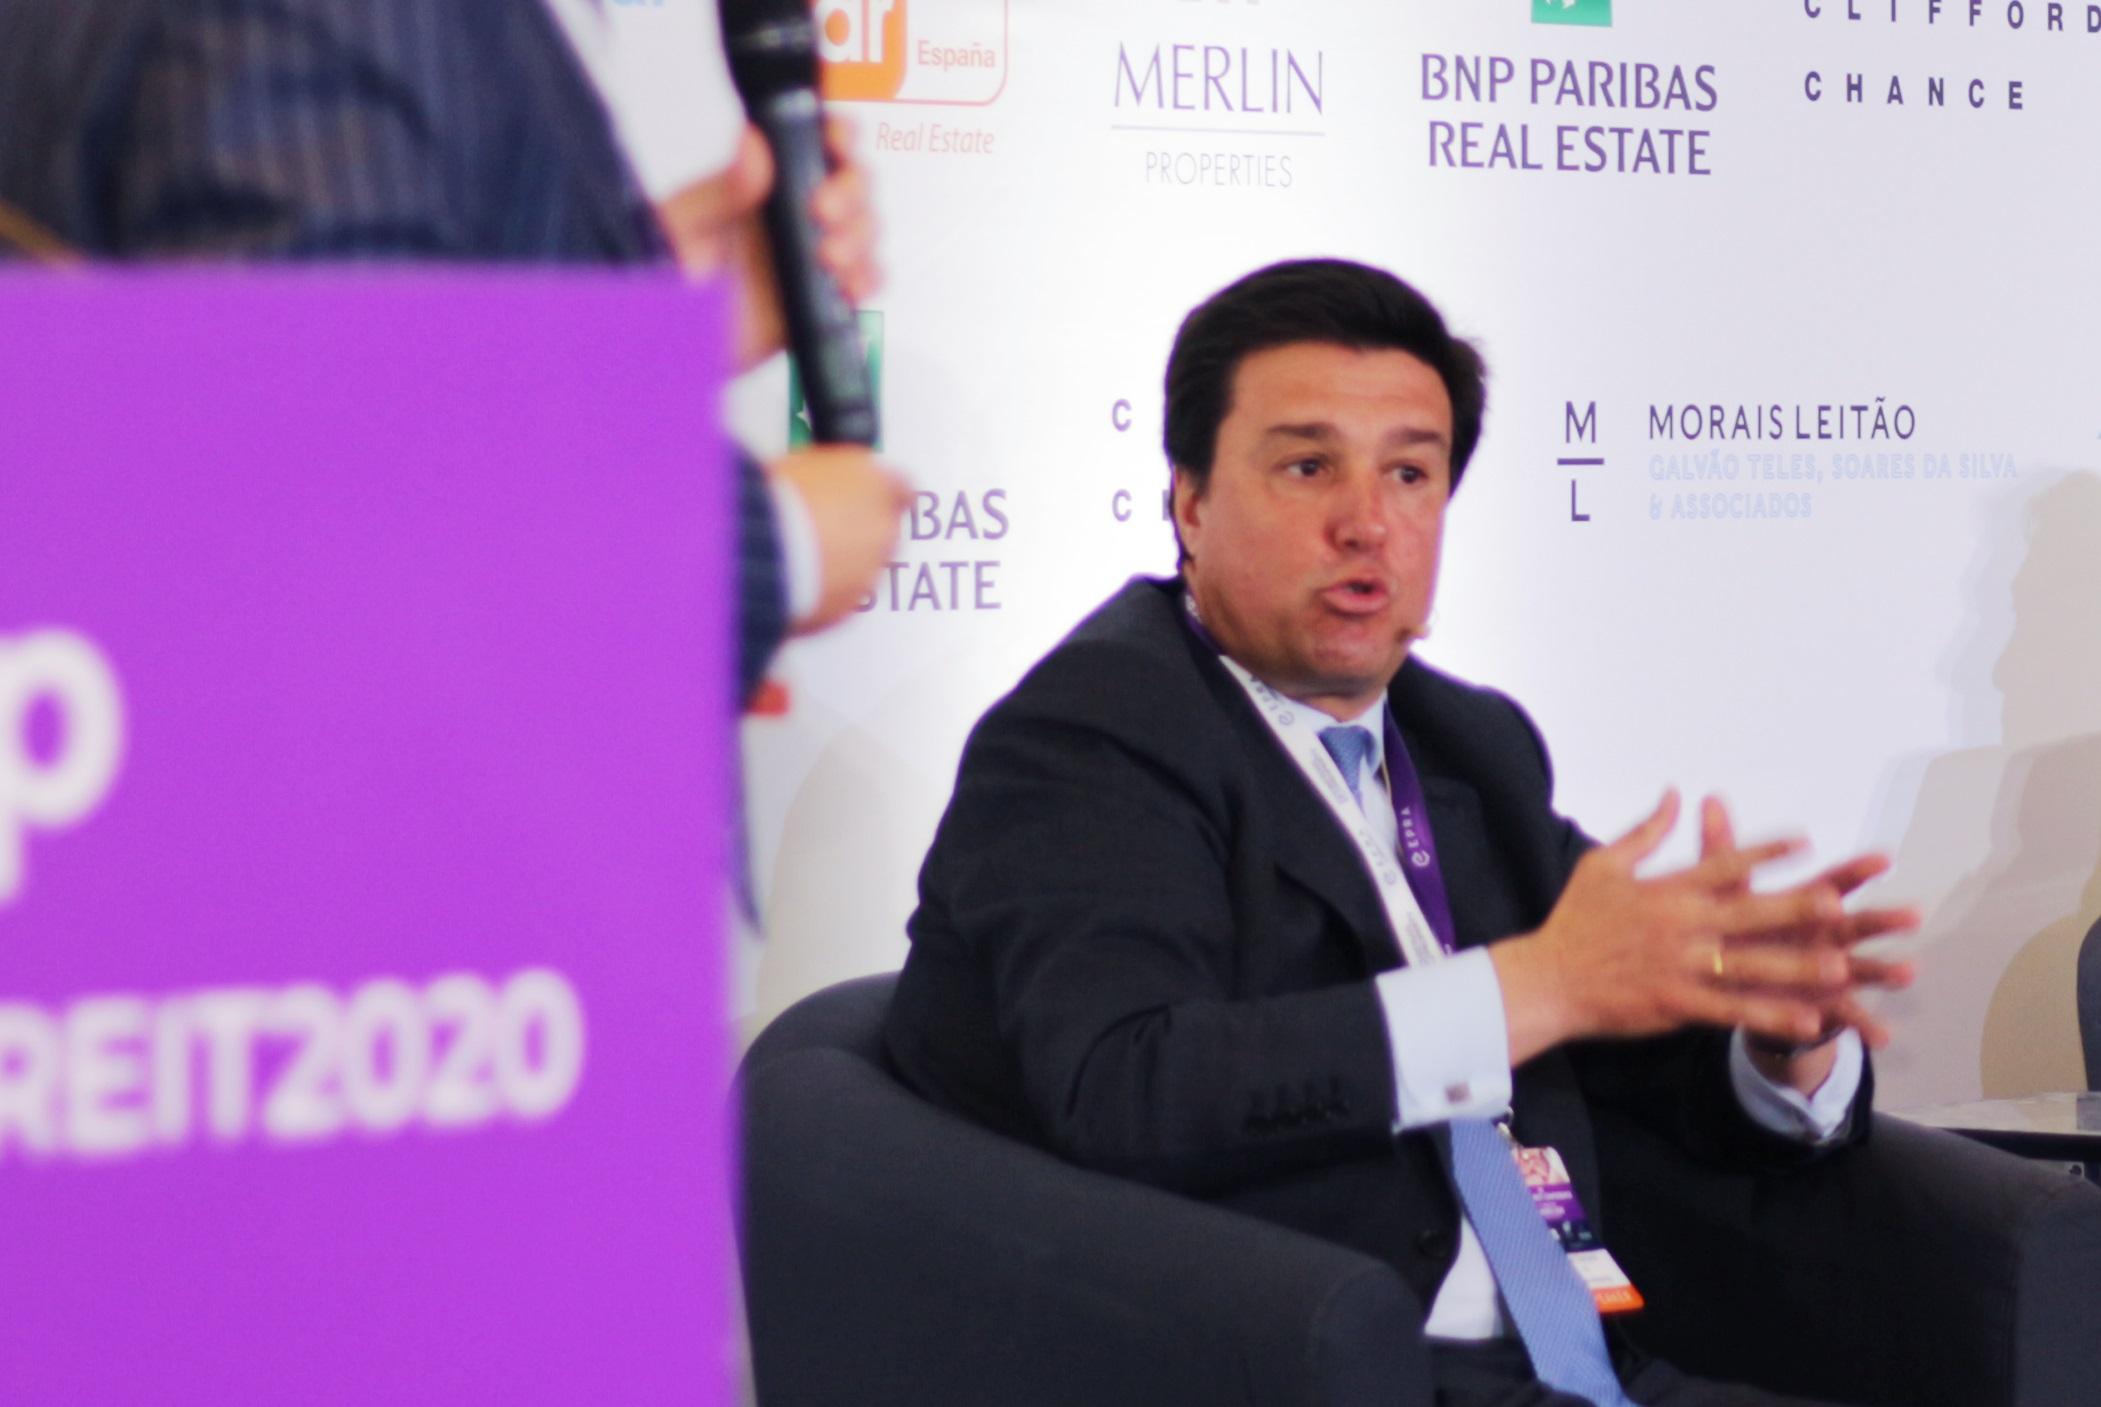 Ismael Clemente, CEO de Merlin Properties / Marildo Montenegro|Iberian Property